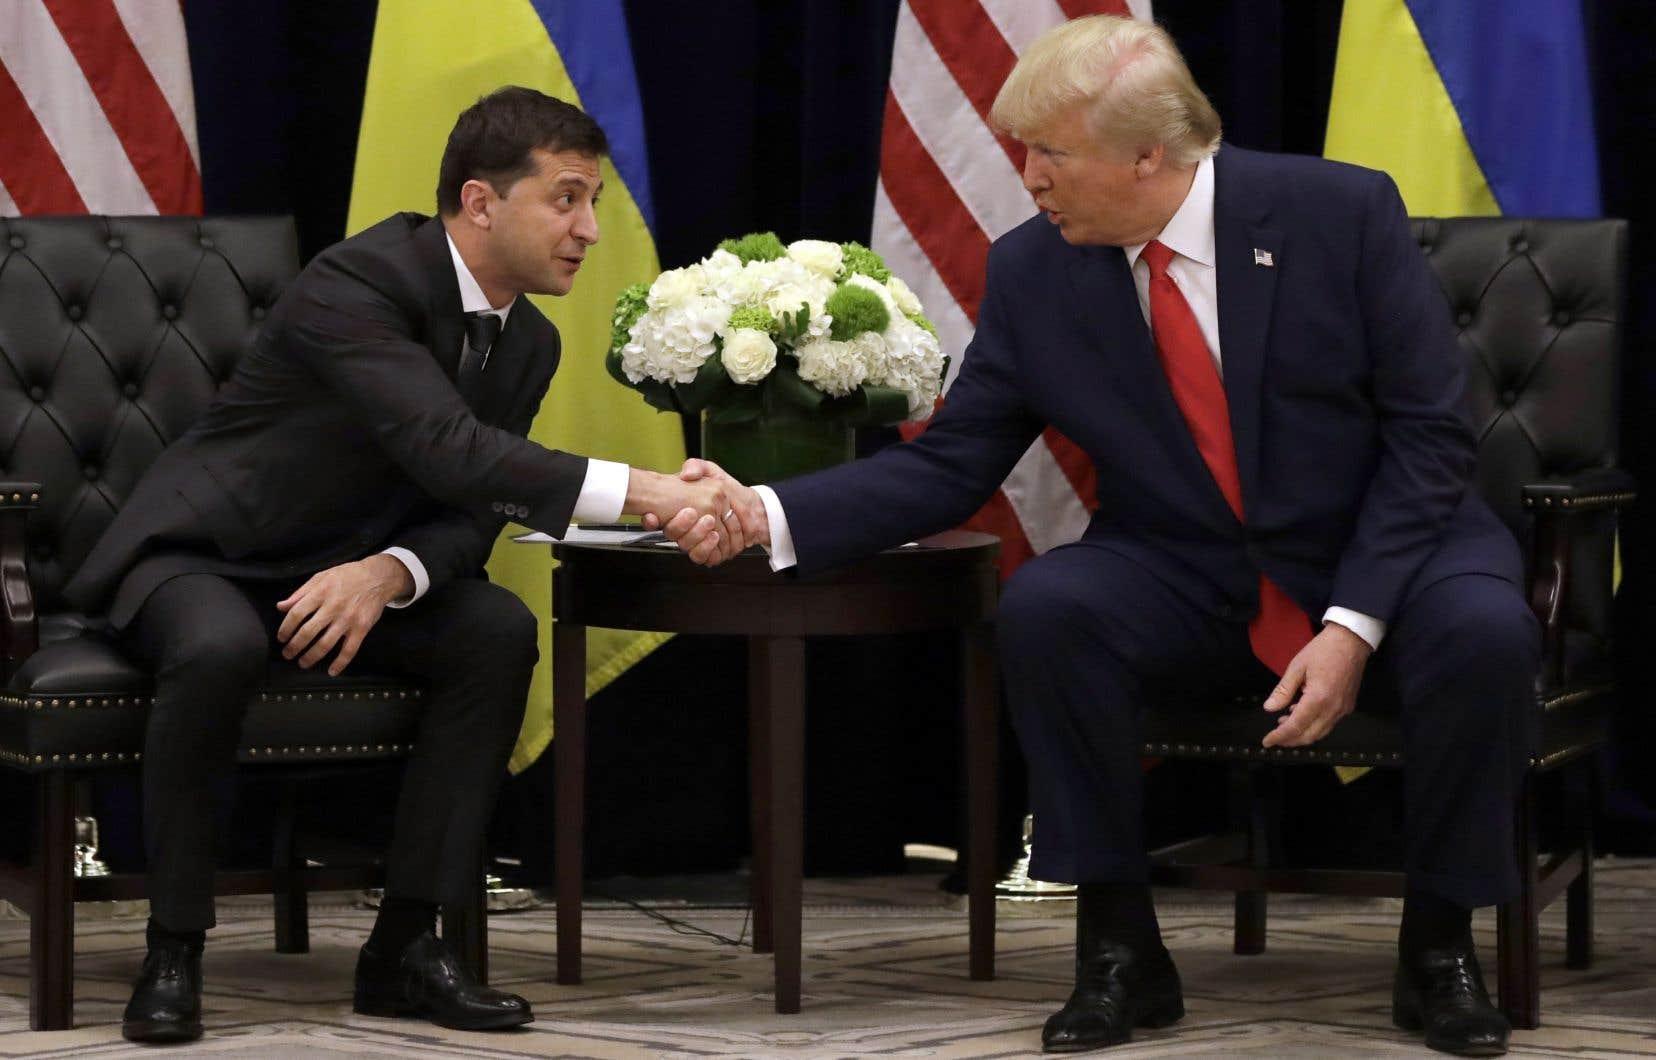 Le président de l'Ukraine, Volodymyr Zelensky, et le président des États-Unis, Donald Trump